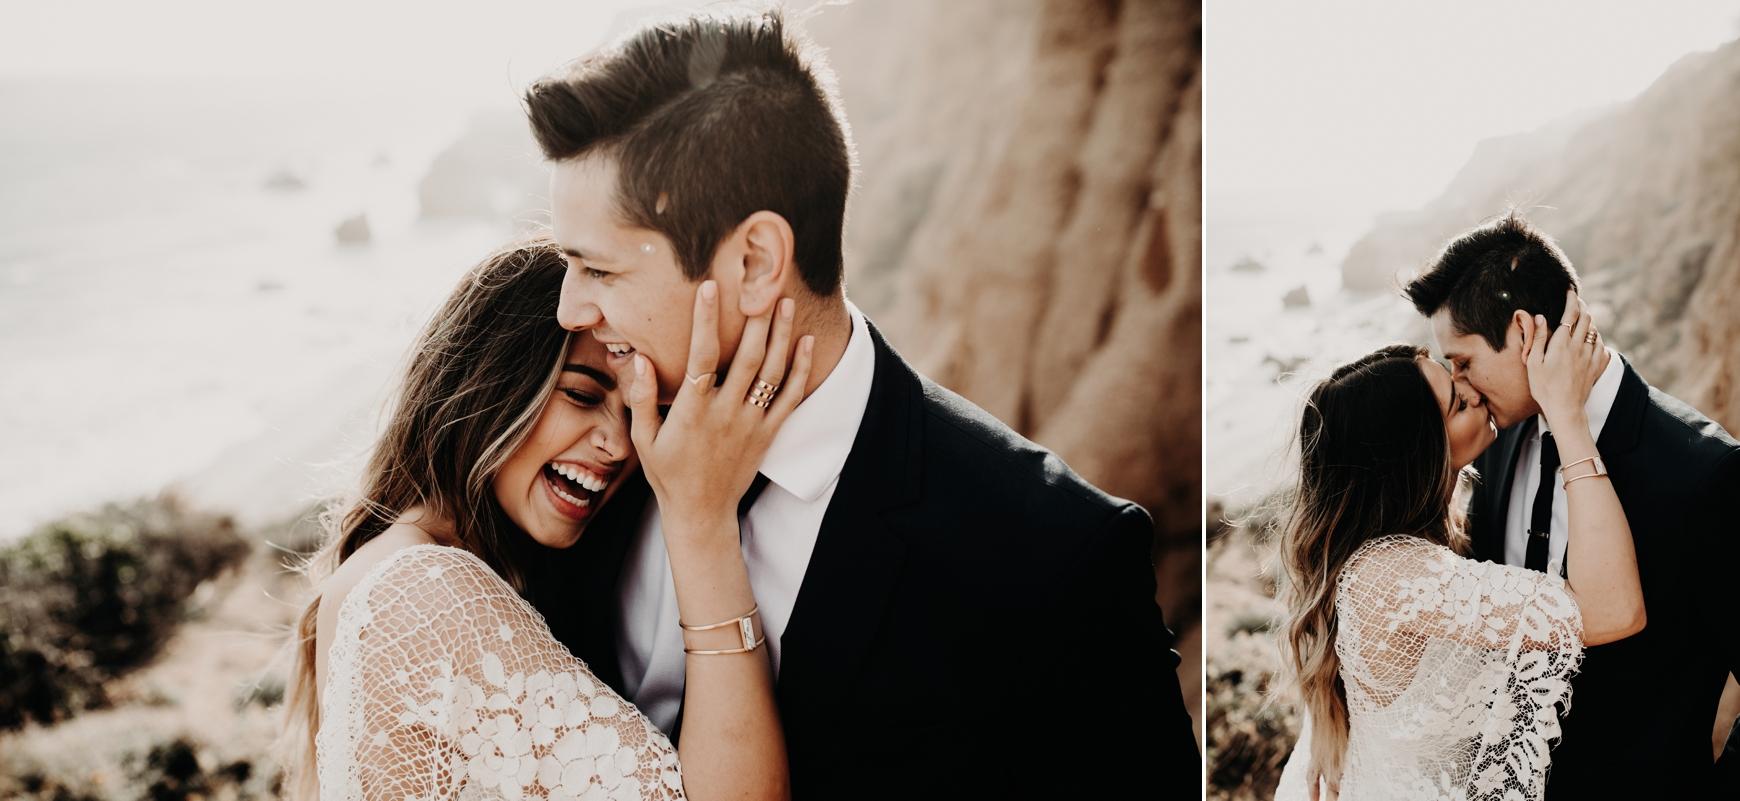 El Matador Beach Bridal Portraits Justellen & TJ Emily Magers Photography-125Emily Magers Photography.jpg